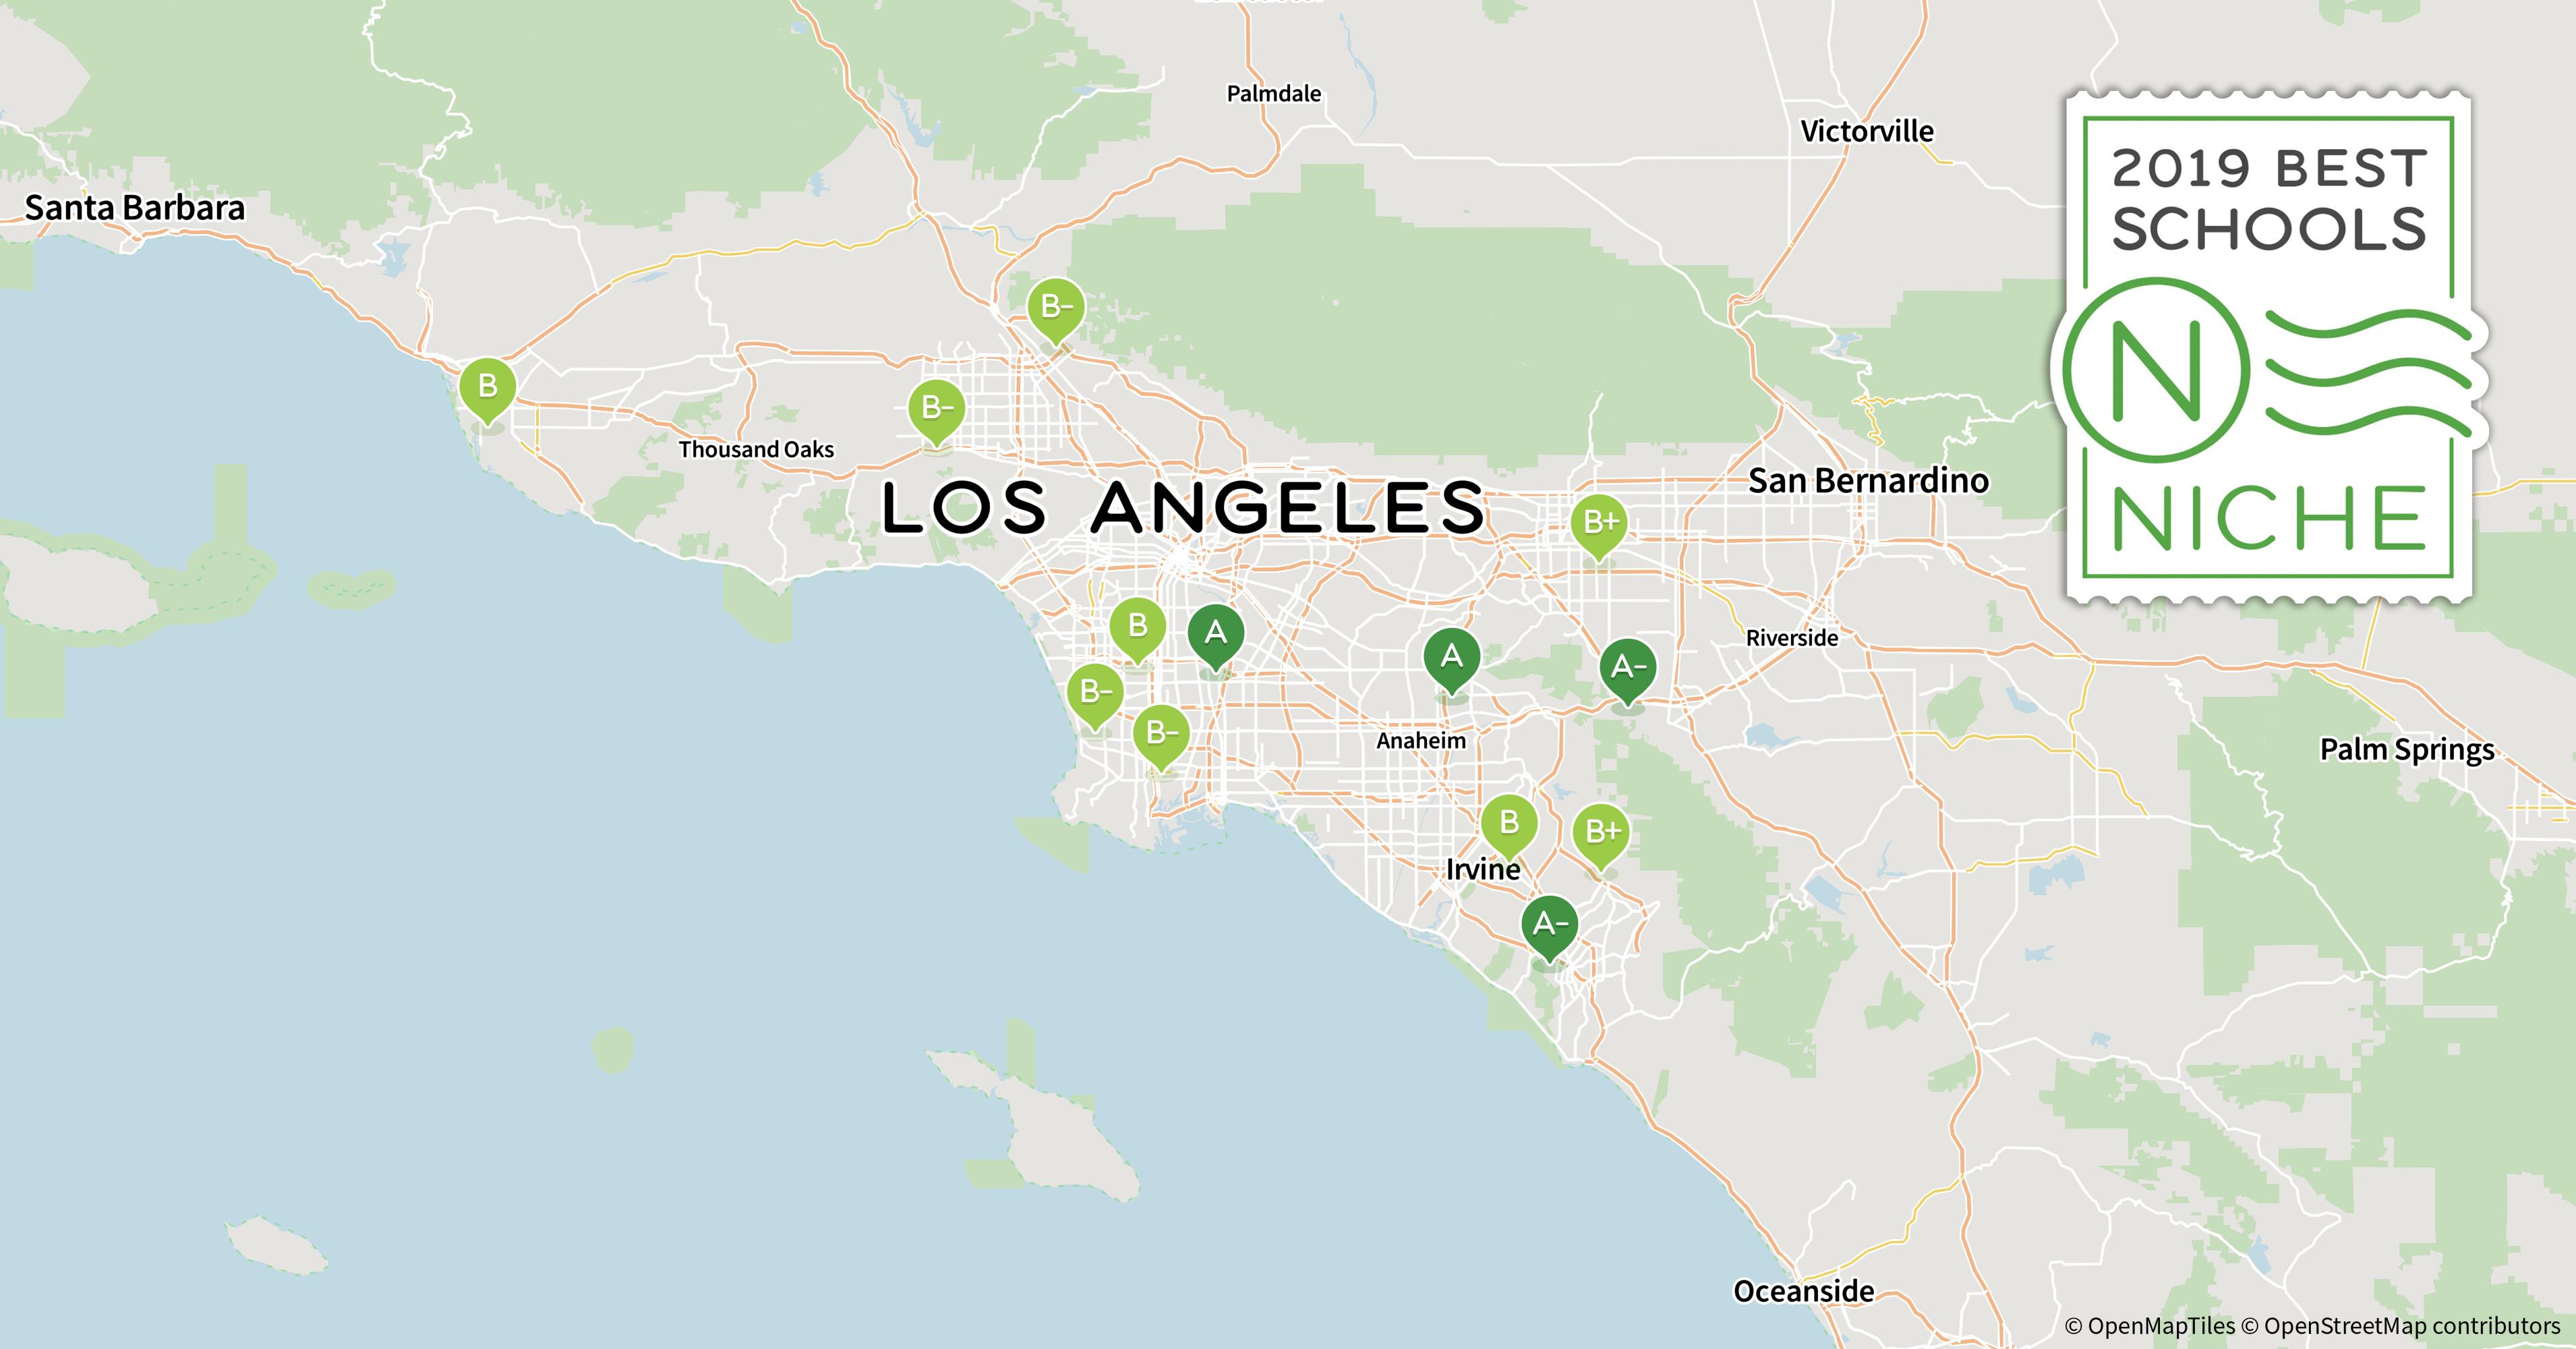 Map Of Malibu California Area Free Printable 2019 Best Private High - Map Of Malibu California Area